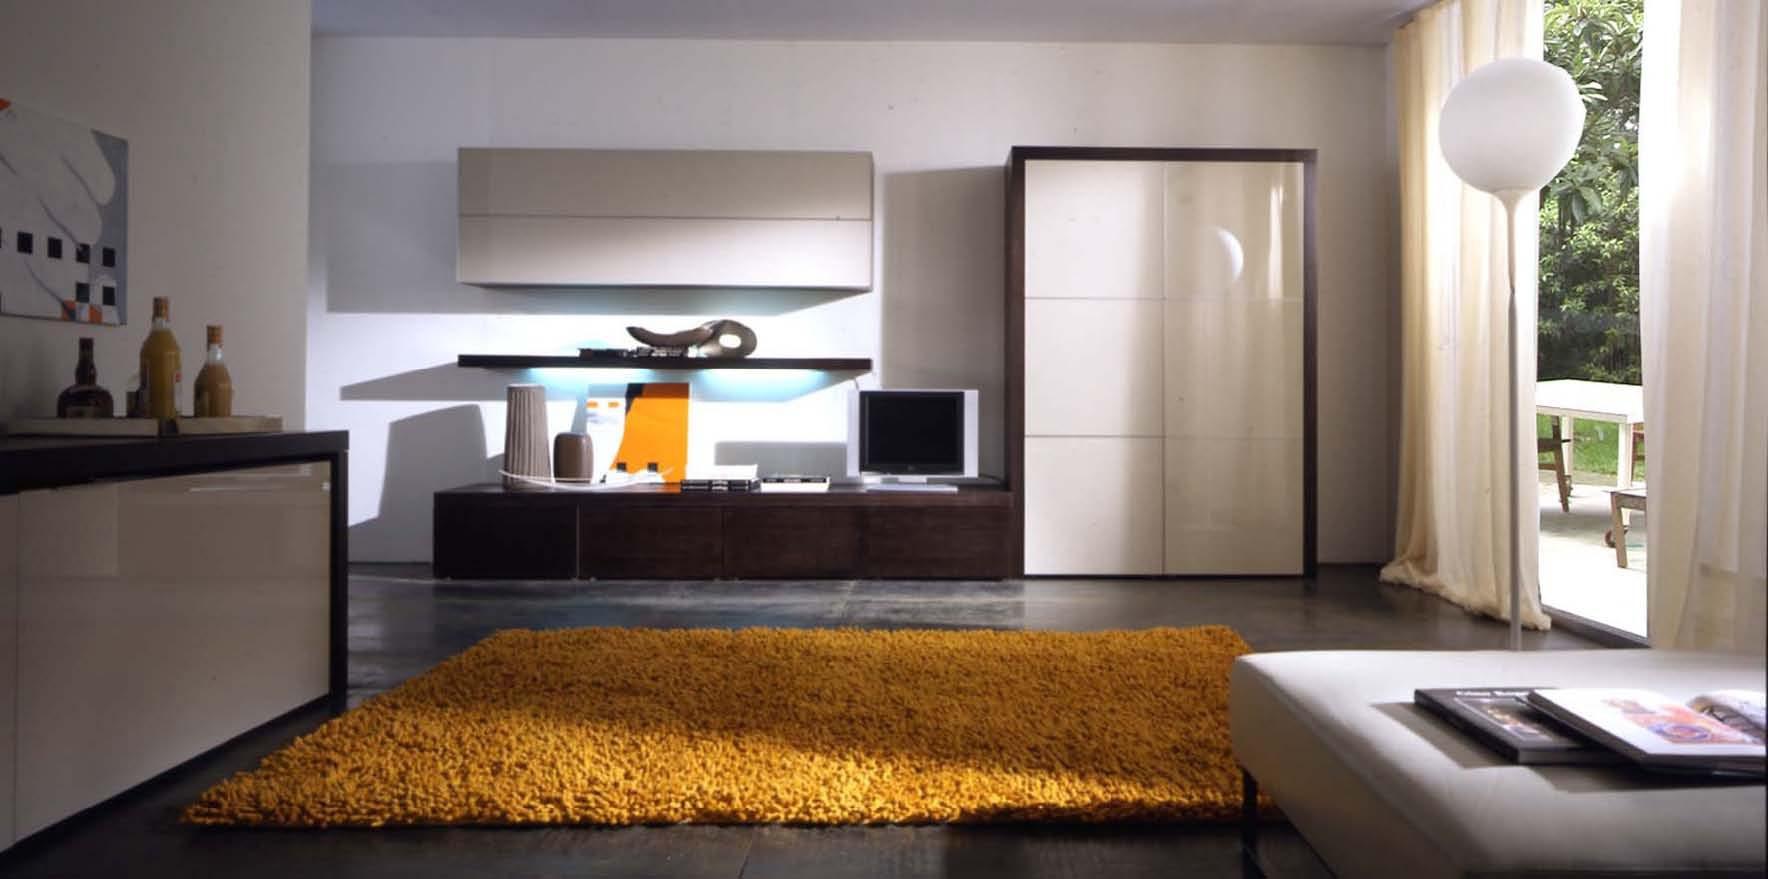 Мебель для тв, line gianser - мебель мр.